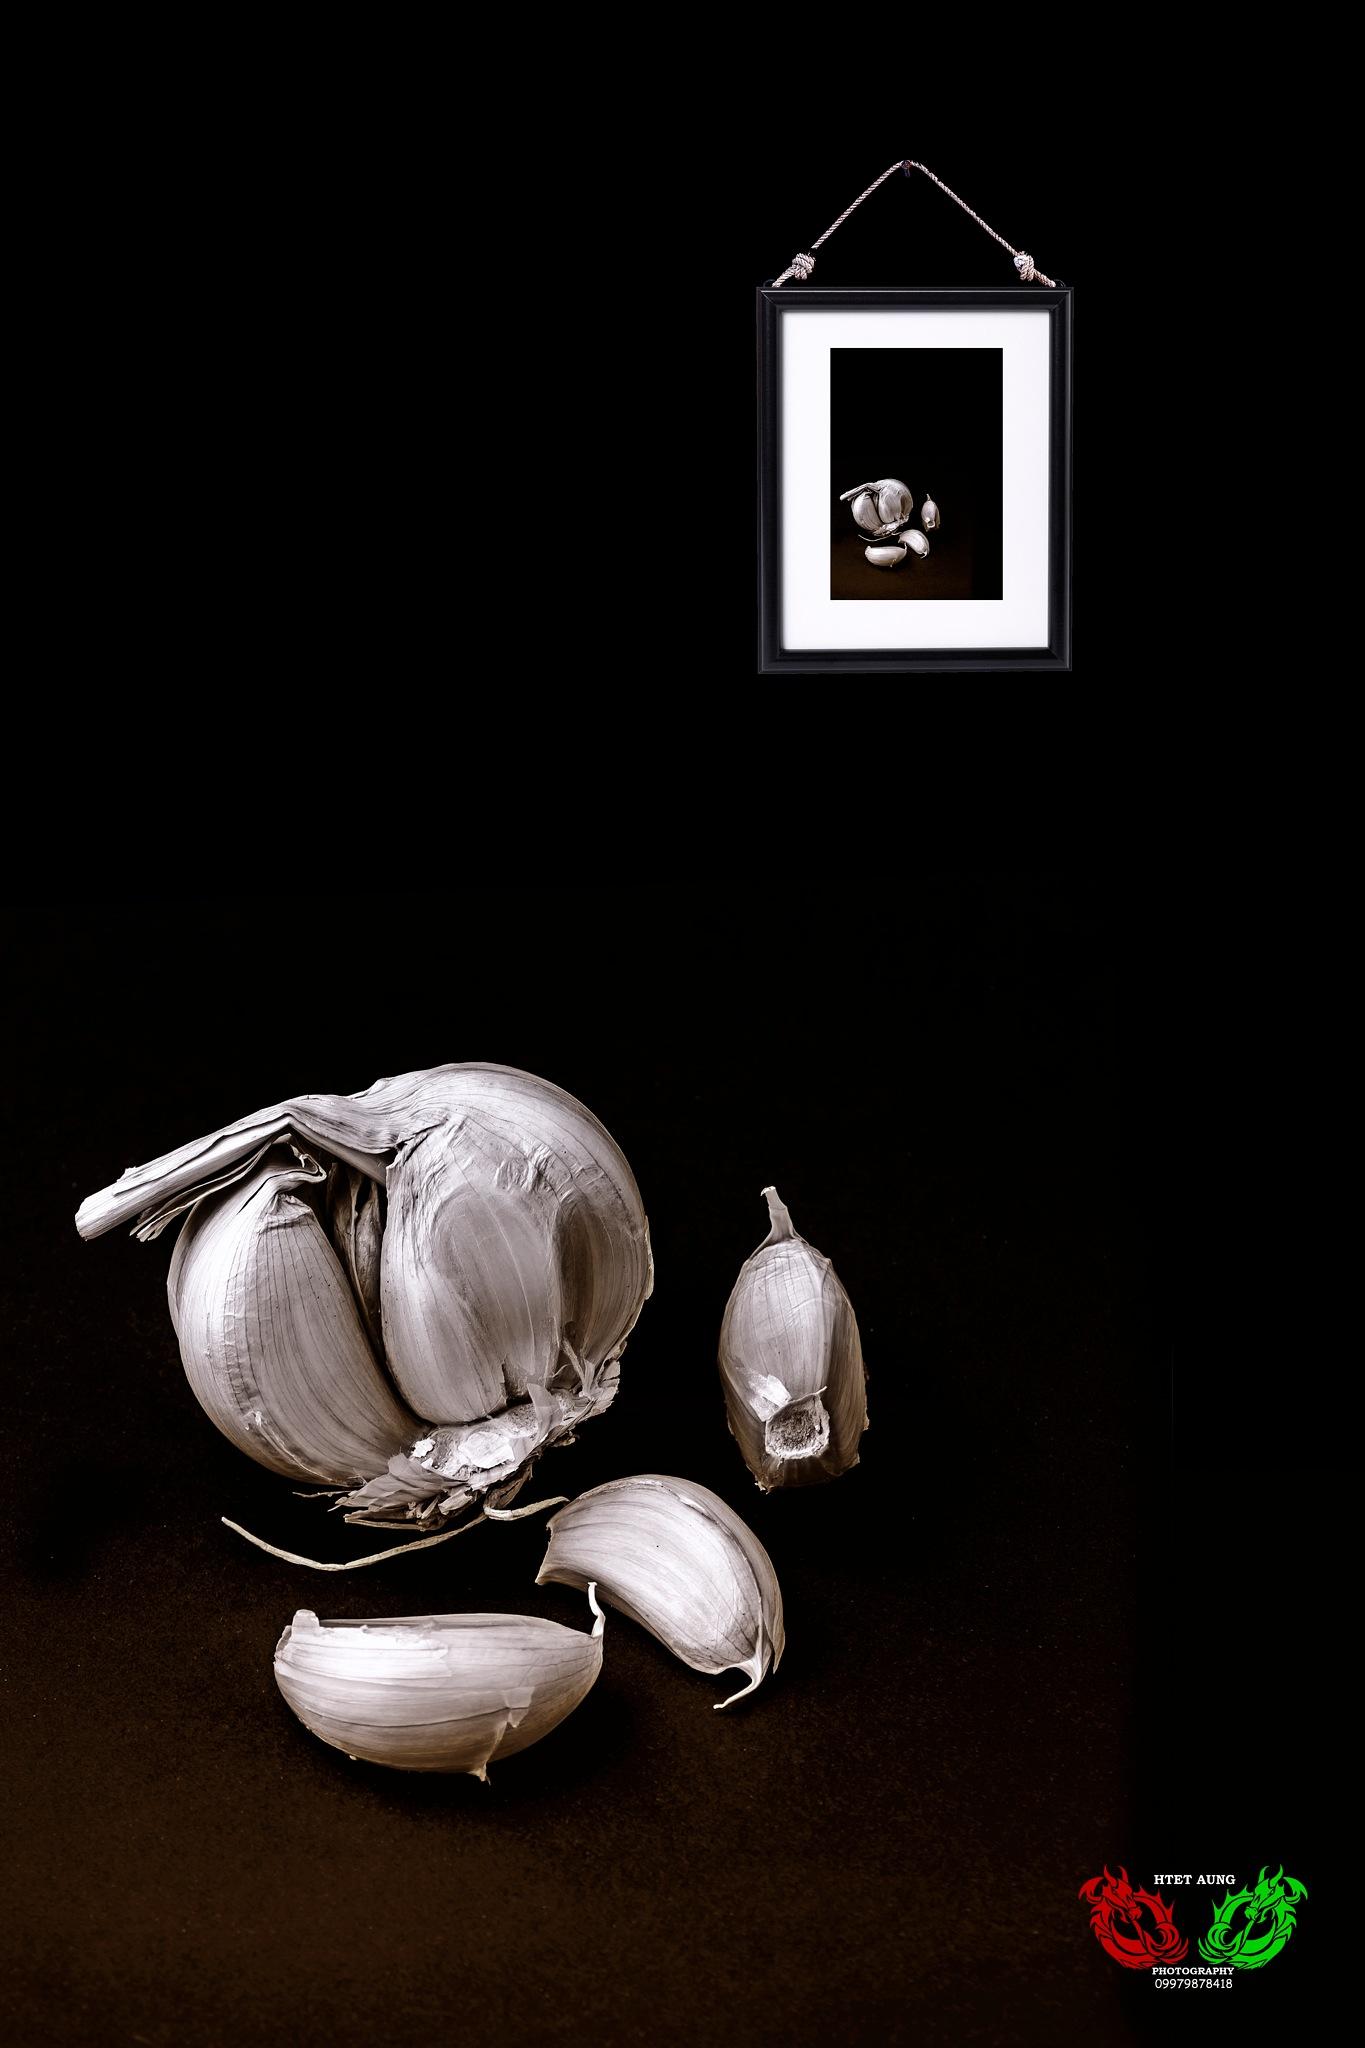 Garlic by Htet Aung